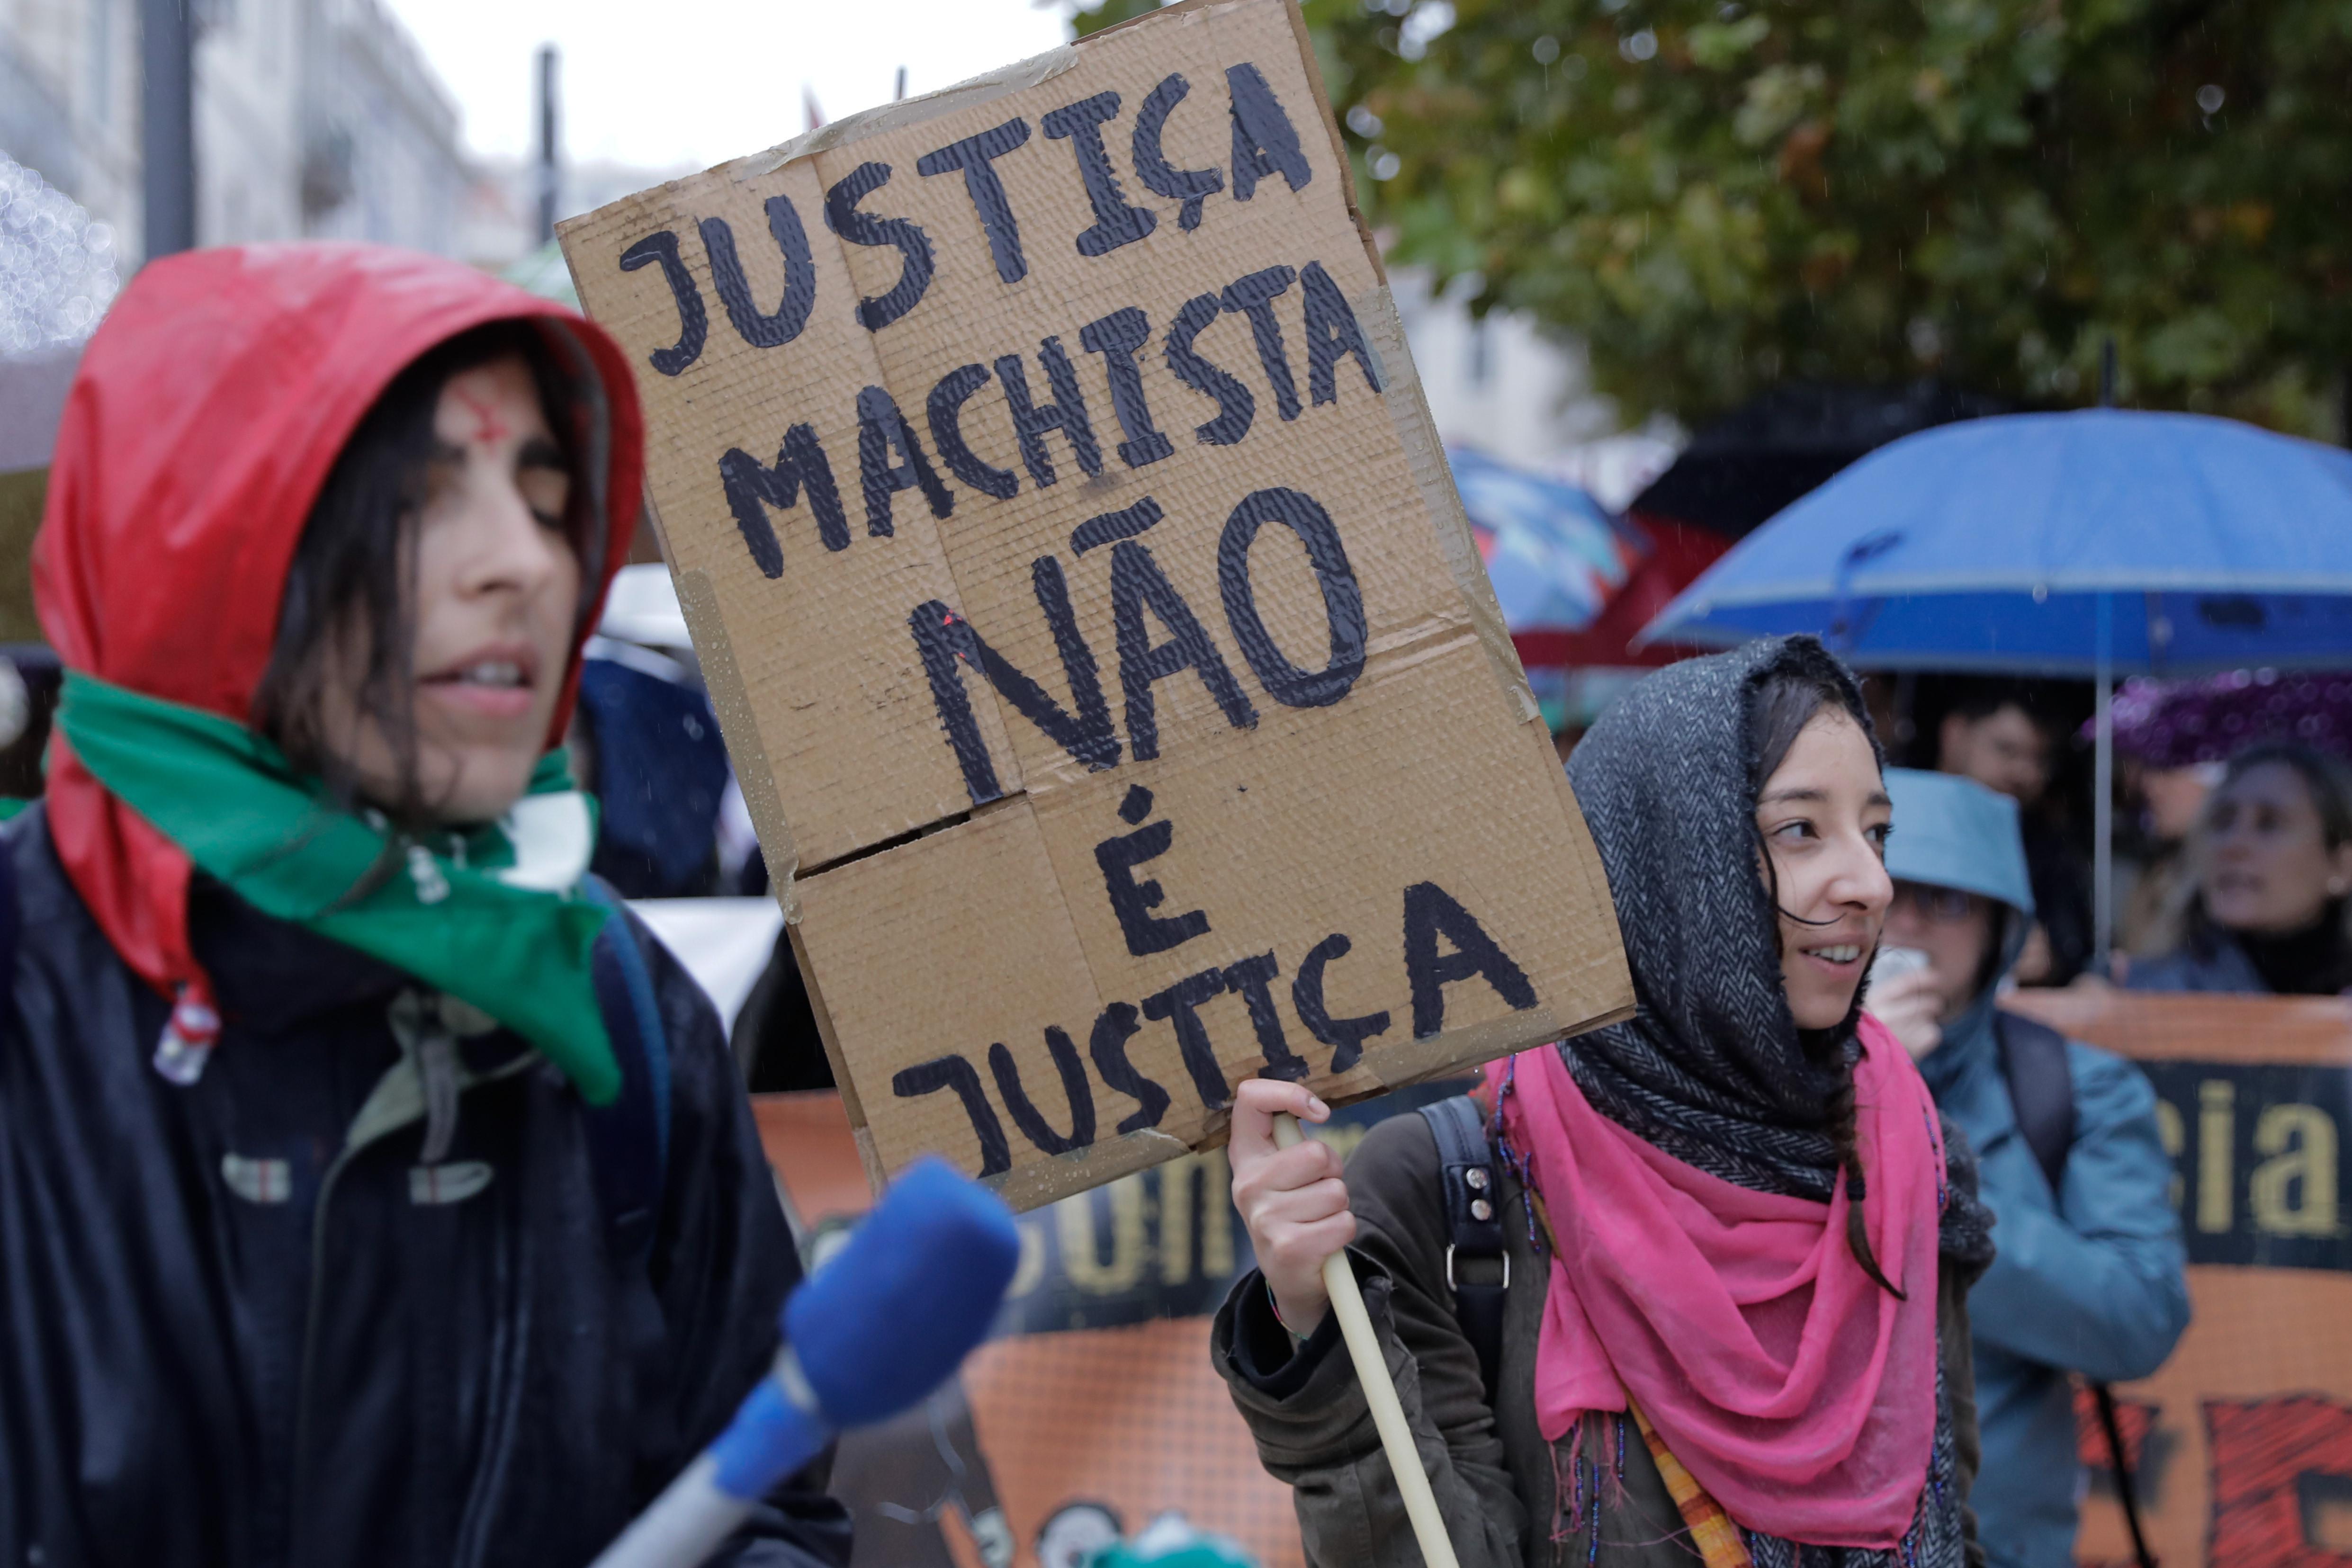 Centenas pediram em Lisboa justiça para mulheres vítimas de violência